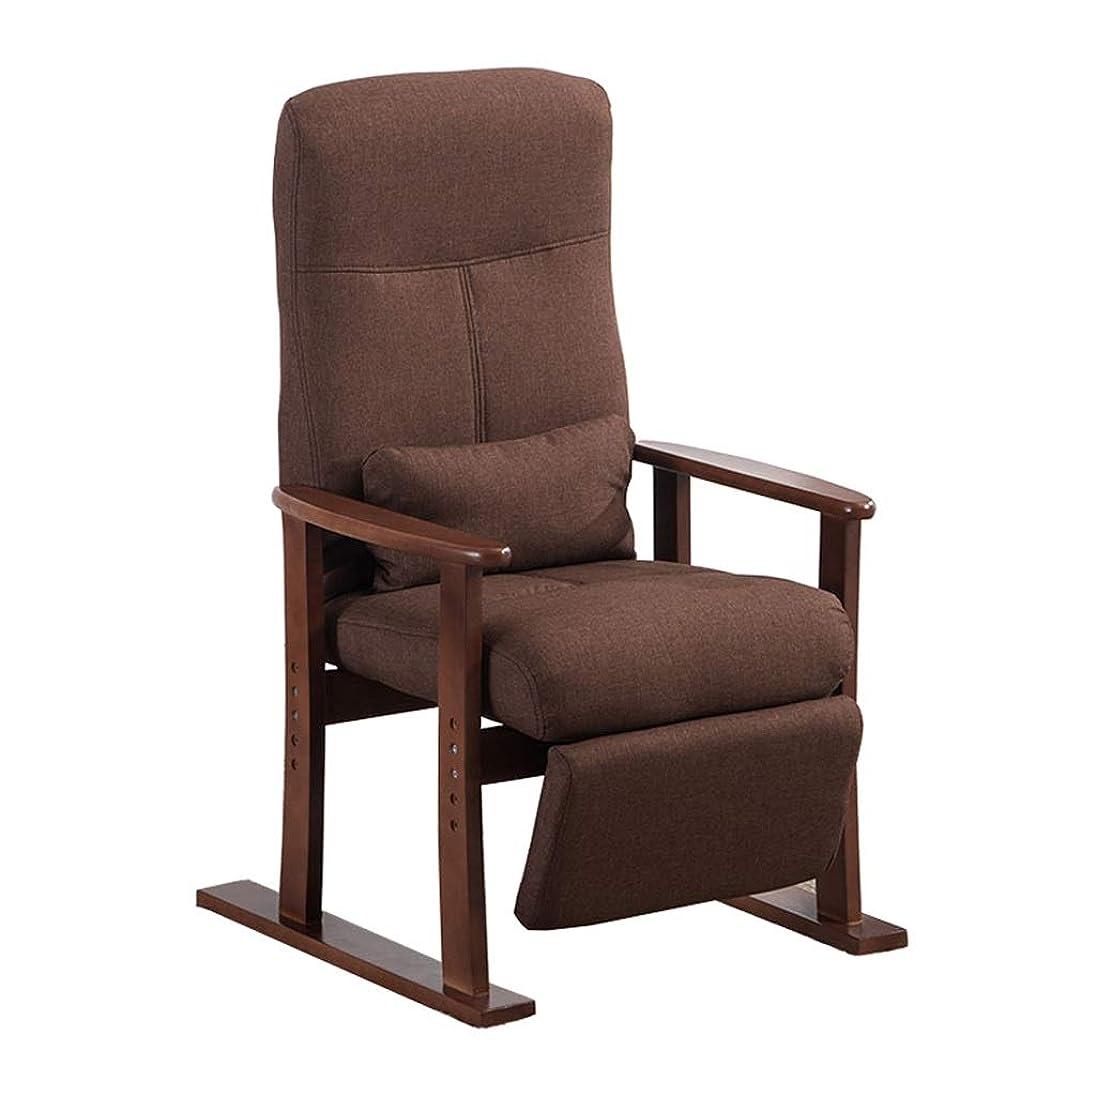 から黒あえぎ無垢材のデッキチェアリクライニングチェアダイニングチェア背もたれアームチェアベッドルームリビングルームバルコニーレジャーソファ椅子サンラウンジャー美容チェアコンピュータチェア (Color : Brown)